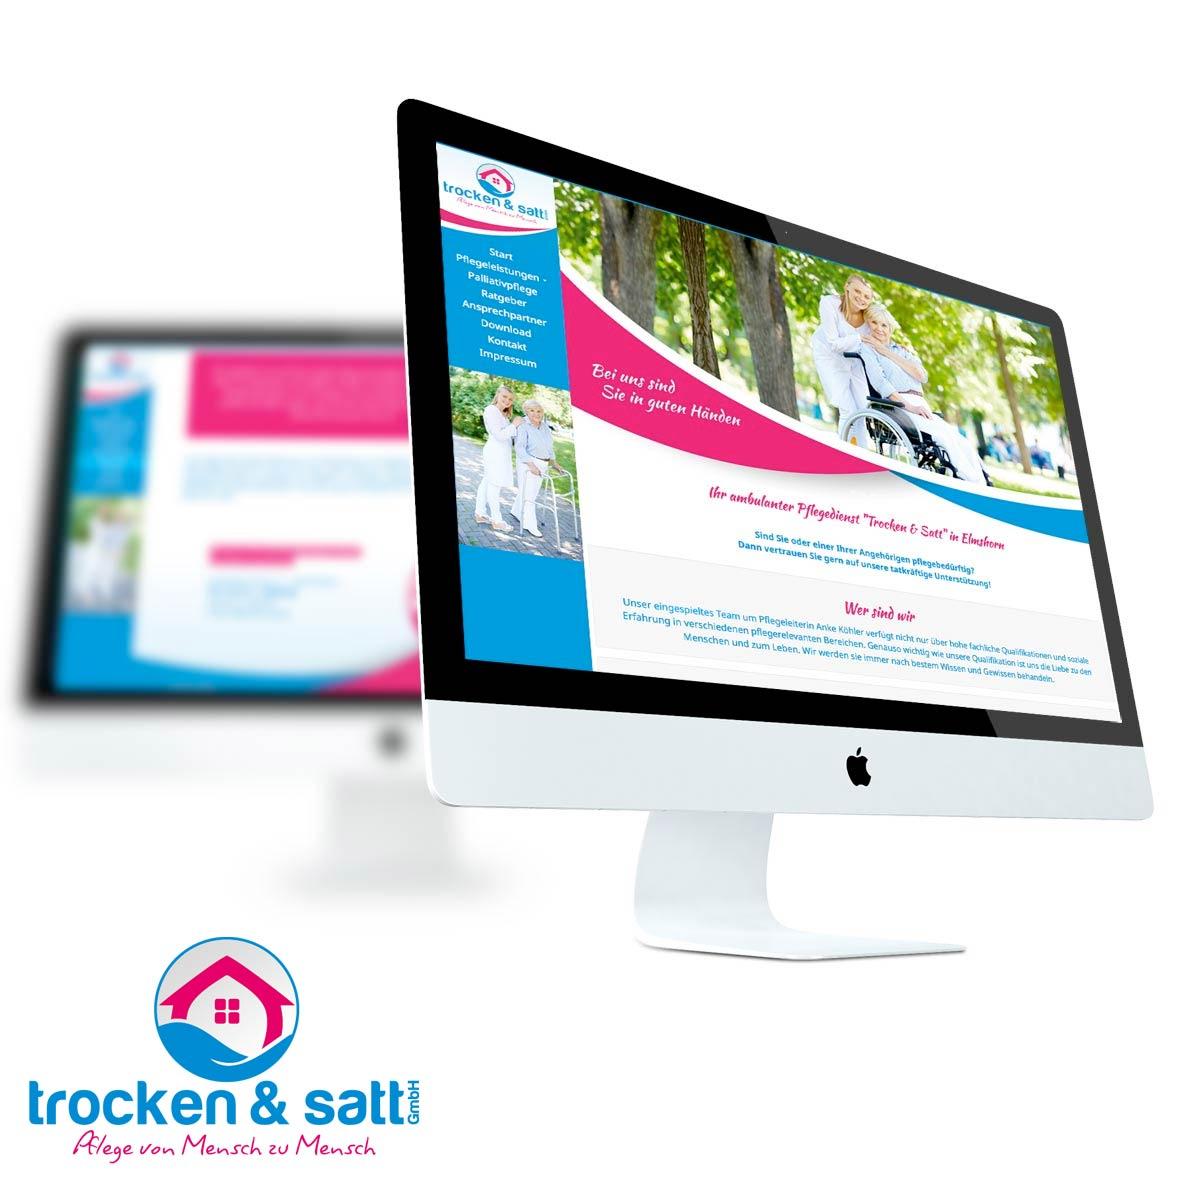 Trocken & Satt GmbH